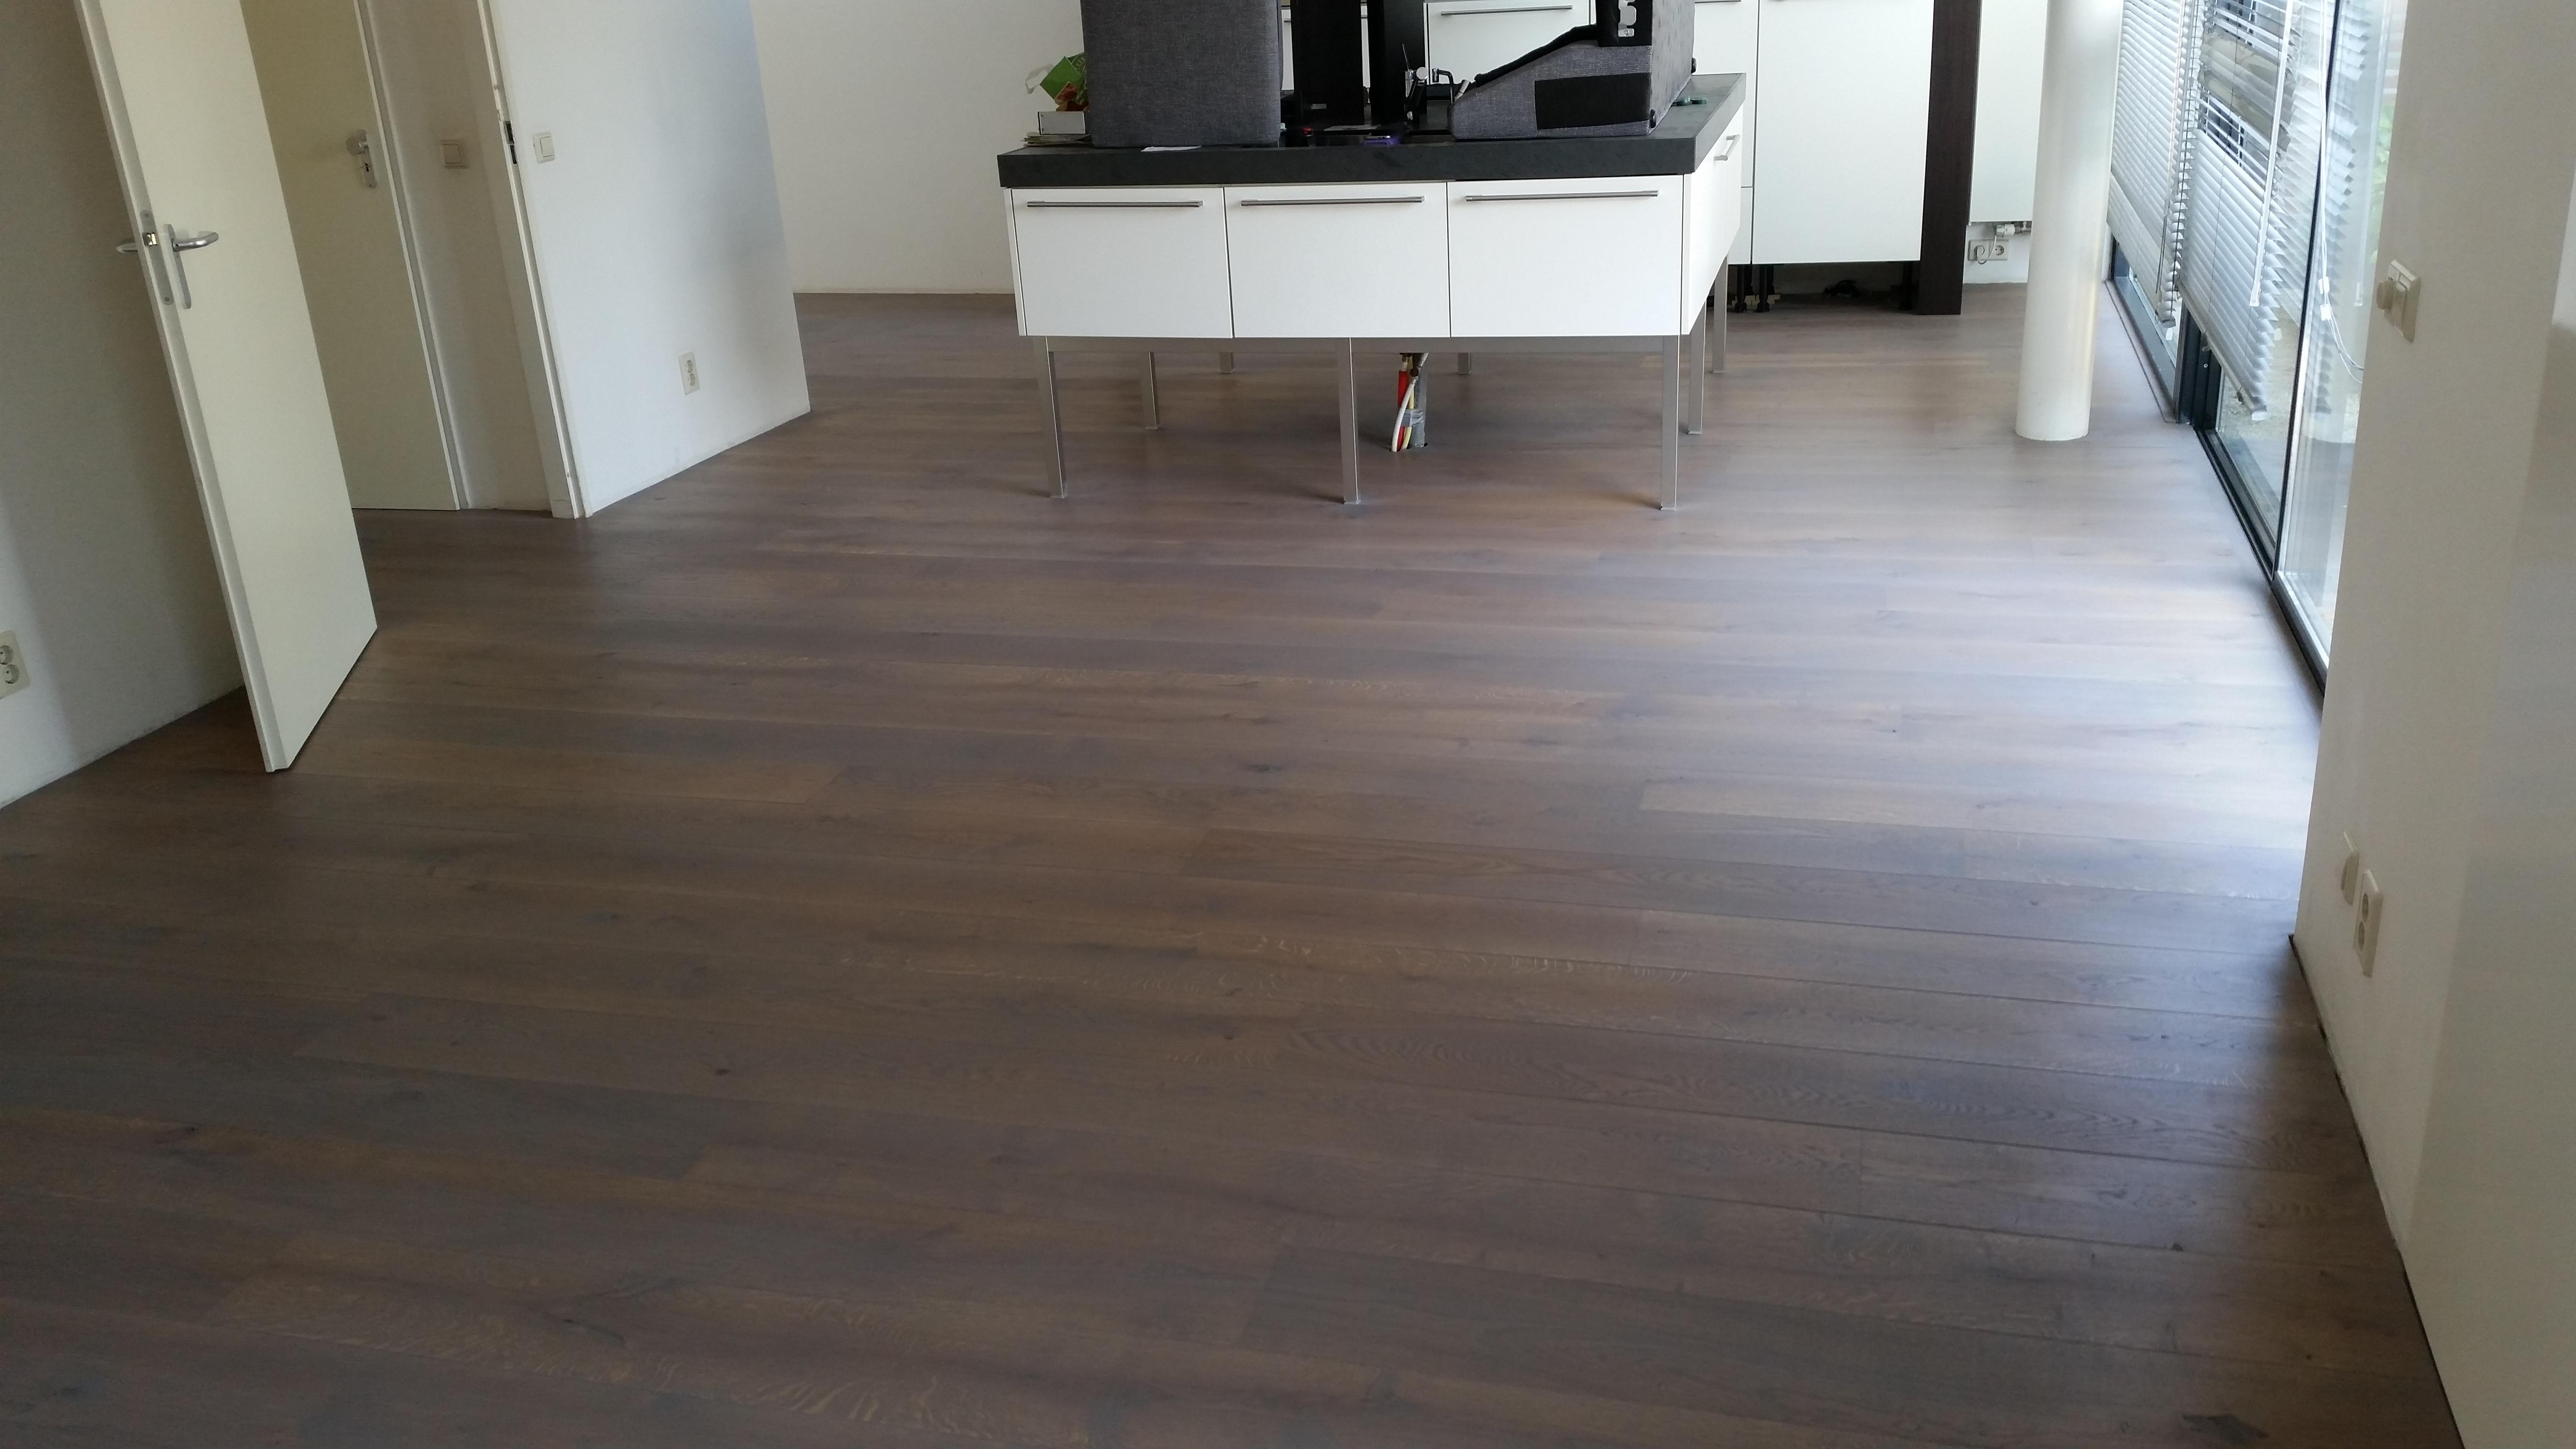 Uw houten vloer kleuren? mooievloeren.info vloerenspecialist